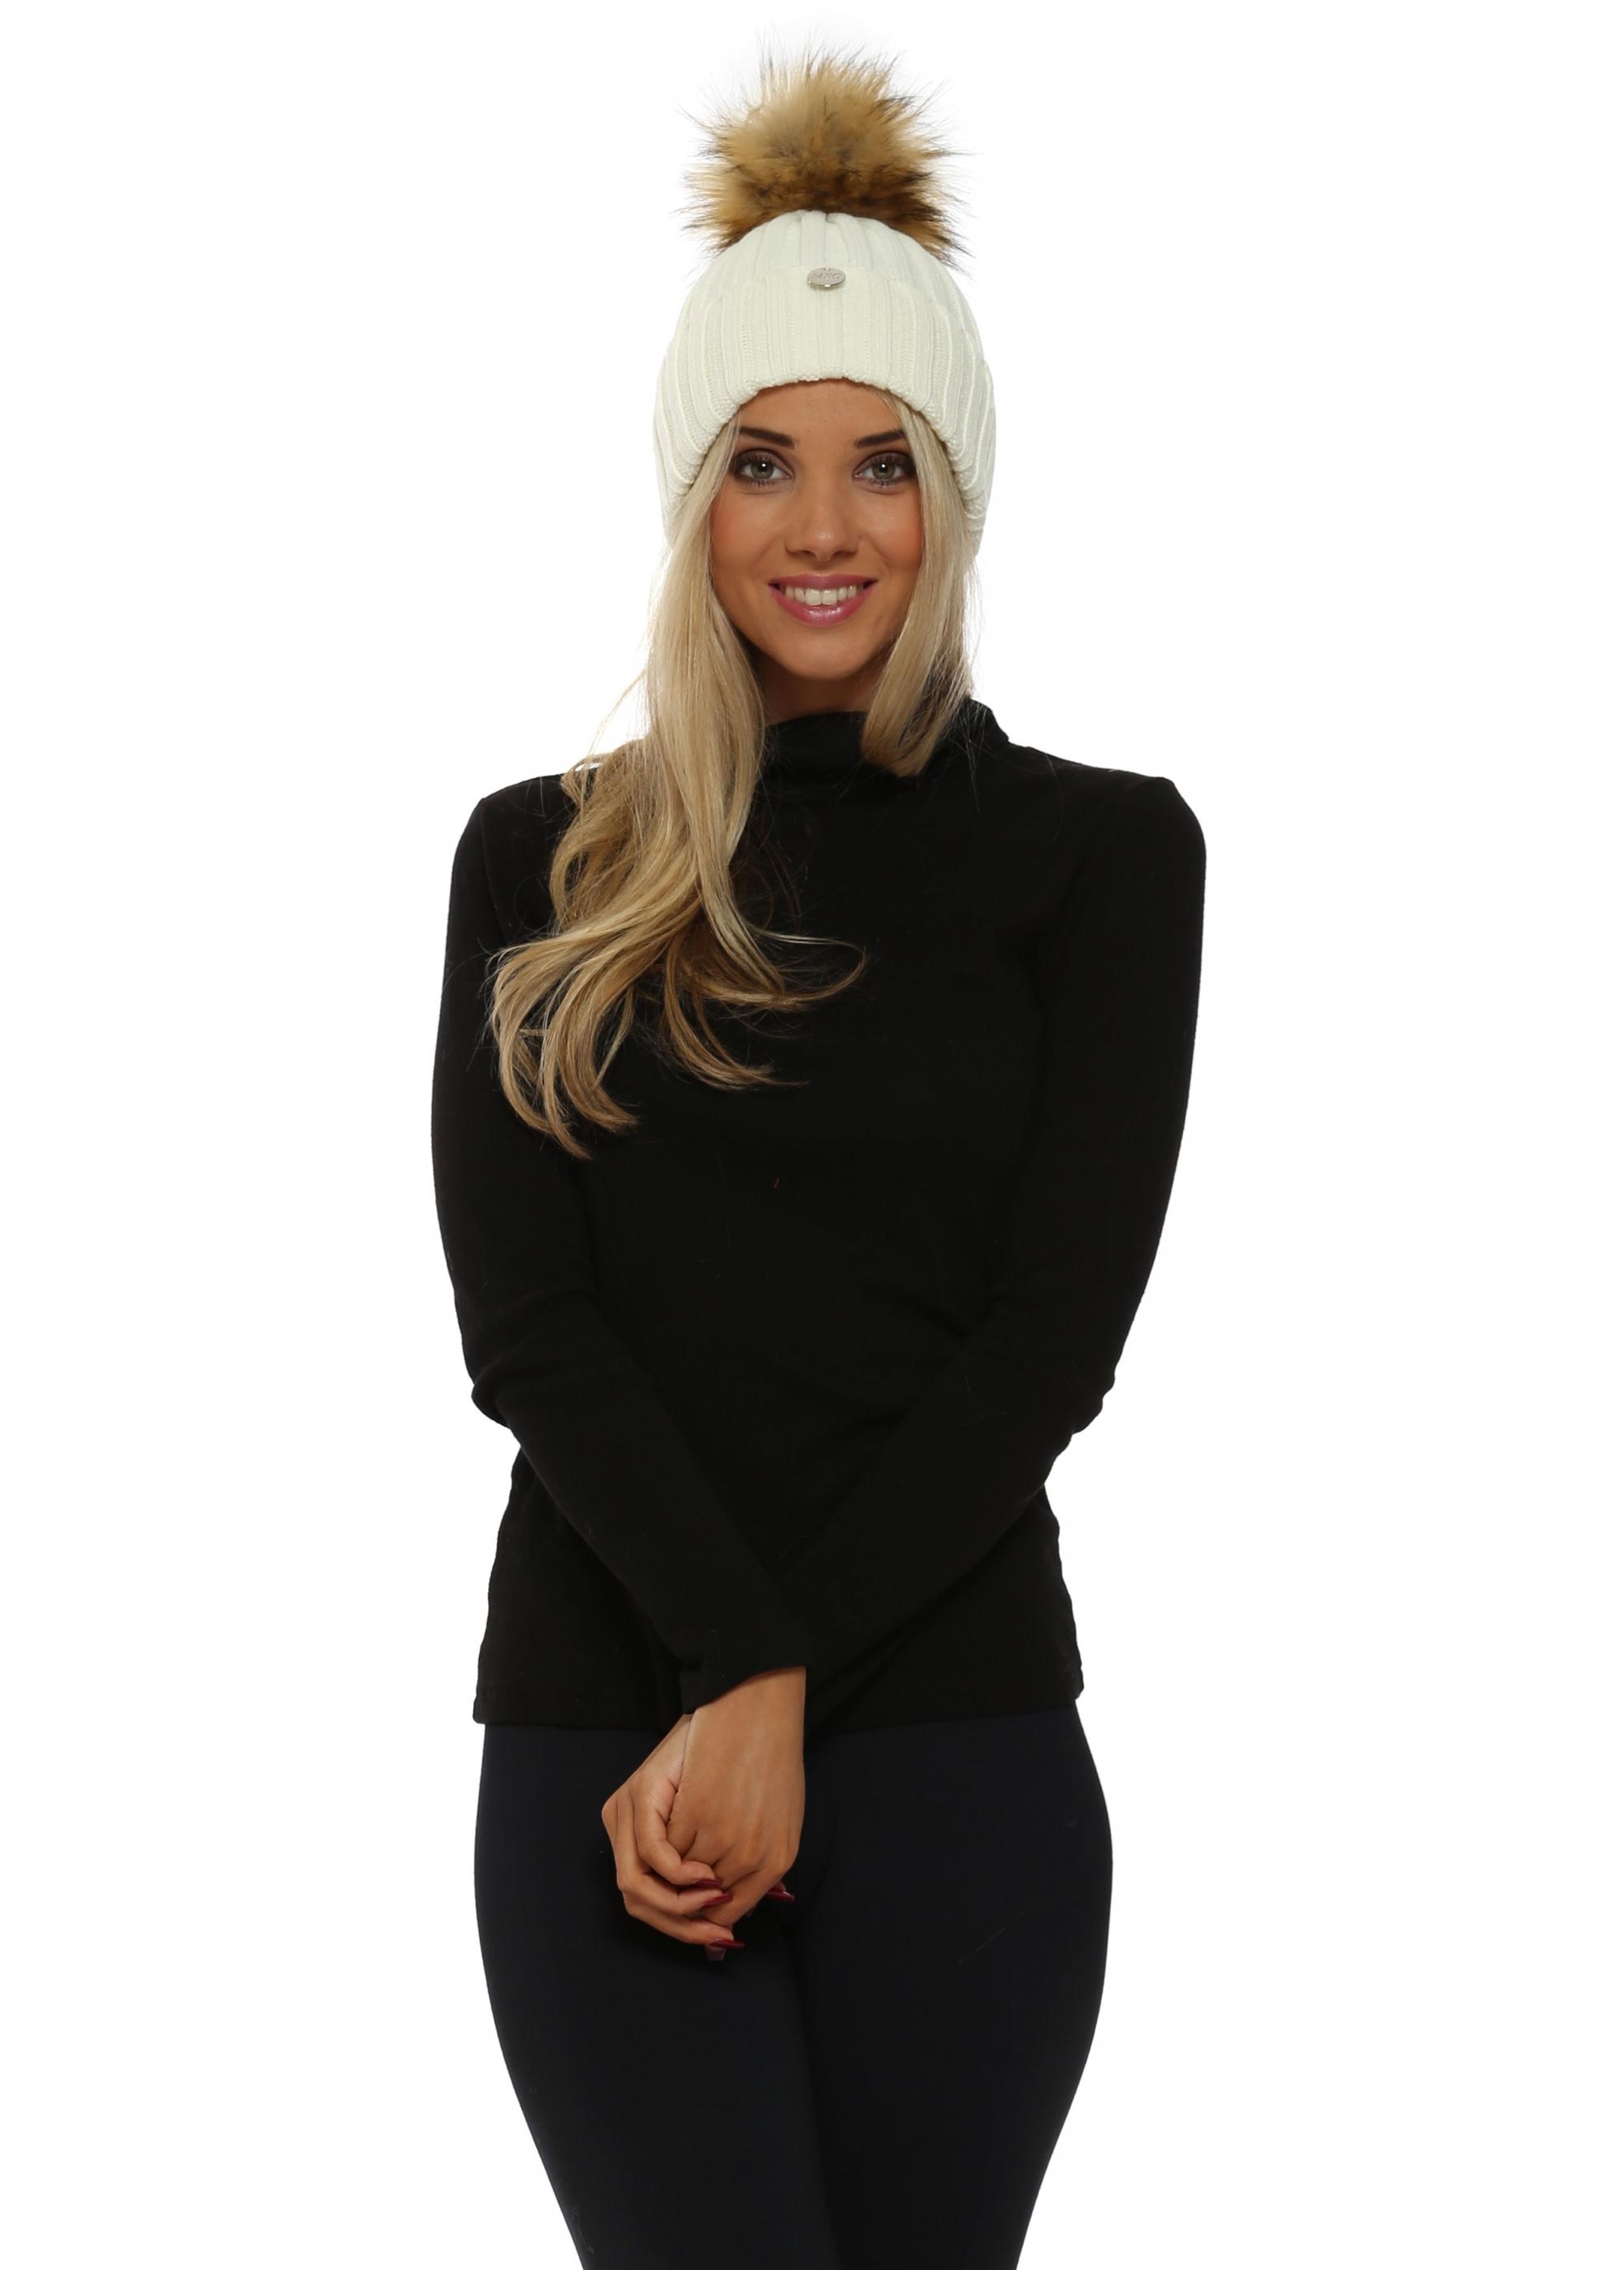 Fur Bobble Beanie Pom Pom Hat - Cream Fur Pom Pom Hat 5665156114c